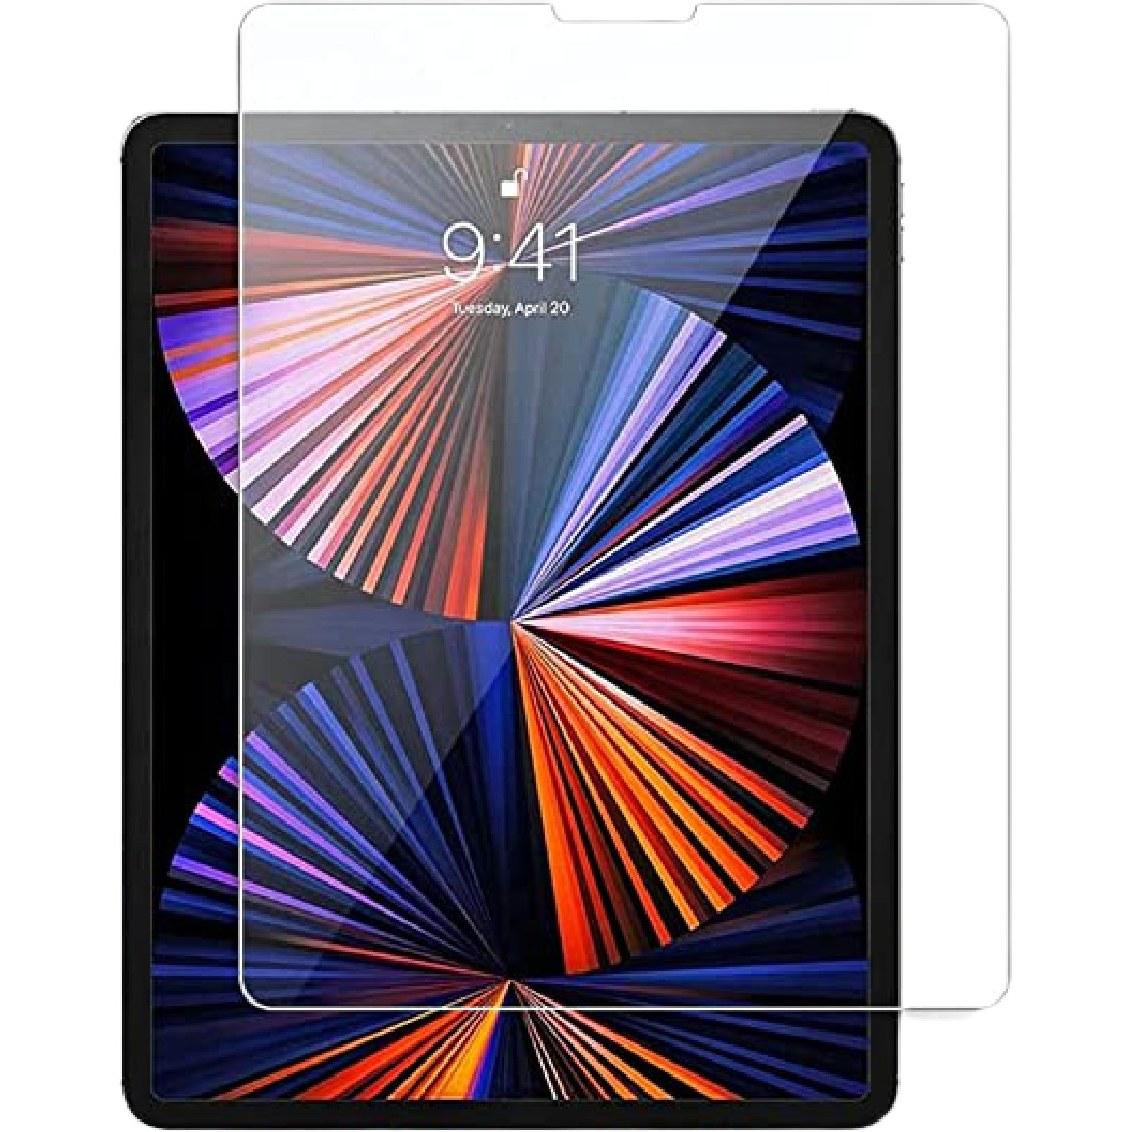 تصویر محافظ صفحه نمایش شیشه ای  مناسب برای تبلت آیپد پرو 11 اینچی مدل 2021